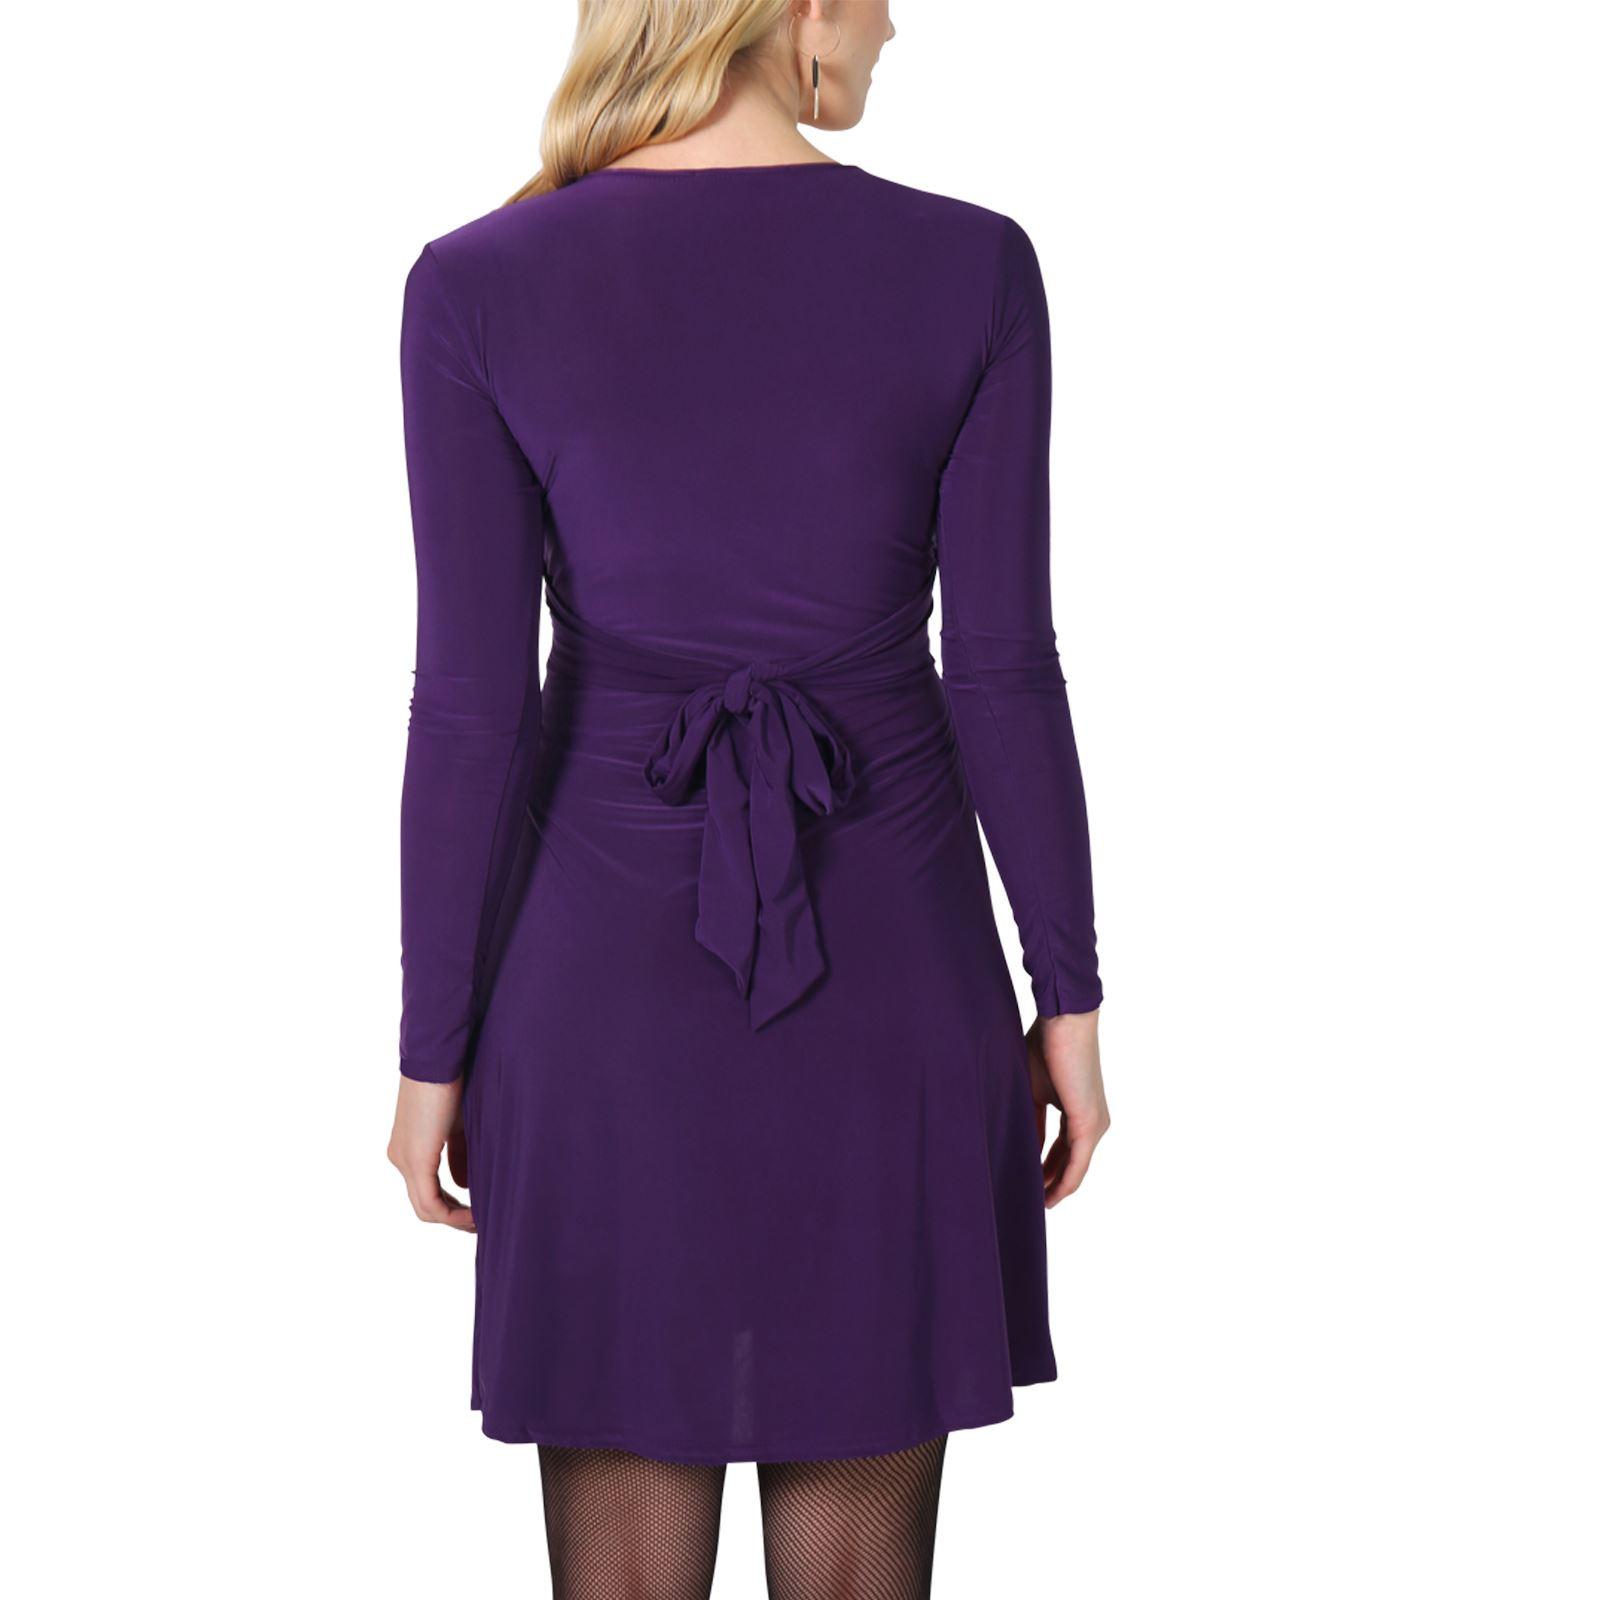 Damen Kleid Langarm Figurbetonend Minikleid Abendkleid ...